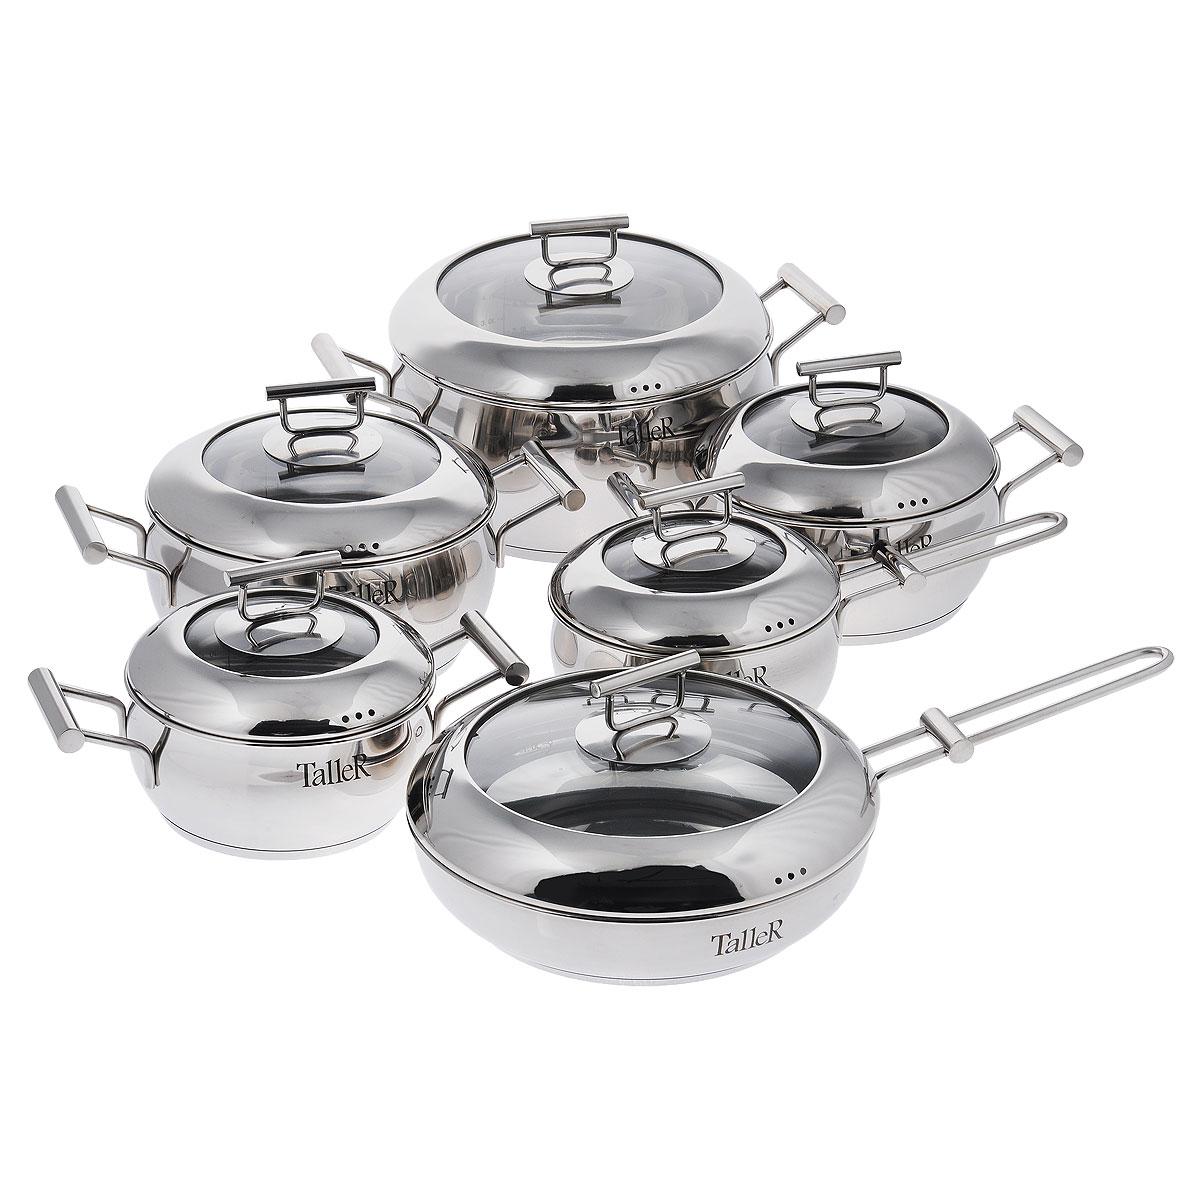 """Набор посуды Taller """"Робертс"""" состоит из четырех кастрюль разного объема с крышками, сковороды с крышкой, ковша с крышкой. Кастрюли, сковорода и ковш изготовлены из высококачественной нержавеющей стали 18/10 с внутренней и внешней зеркальной полировкой. Удобные отметки литража на внутренней поверхности посуды позволяют не использовать при приготовлении дополнительную мерную посуду.  Капсулированное дно с алюминиевой вставкой обеспечивает идеальное распределение тепла.  Крышки из жаропрочного стекла и нержавеющей стали позволяет следить за процессом приготовления, не открывая крышки. Надежное крепление ручек гарантирует безопасное использование.   Подходит для всех типов плит, включая индукционные. Не использовать в духовом шкафу. Можно мыть в посудомоечной машине.   УВАЖАЕМЫЕ КЛИЕНТЫ!  Обращаем ваше внимание на тот факт, что объем кастрюль указан максимальный, с учетом полного наполнения до кромки. Шкала на внутренней стенке кастрюль имеет меньший литраж. Высота стенок кастрюль: 11 см, 9,2 см, 8,5 см, 7,5 см.  Ширина кастрюль (с учетом ручек): 34,5 см, 31 см, 29 см, 27 см. Диаметр кастрюль: 25 см, 20 см, 18 см, 16 см. Диаметр дна кастрюль: 21 см, 17 см, 15 см, 13 см. Объем кастрюль: 5 л, 2,9 л, 2,1 л, 1,5 л. Высота стенки сковороды: 5 см.  Диаметр сковороды: 24 см. Диаметр дна сковороды: 18,5 см. Длина ручки сковороды: 19 см. Объем сковороды: 1,9 л. Высота стенки ковша: 7,5 см.  Диаметр ковша: 16 см. Диаметр дна ковша: 13 см. Длина ручки ковша: 15,5 см. Объем ковша: 1,5 л. Толщина стенки: 0,8 мм.  Толщина дна: 5,3 мм."""